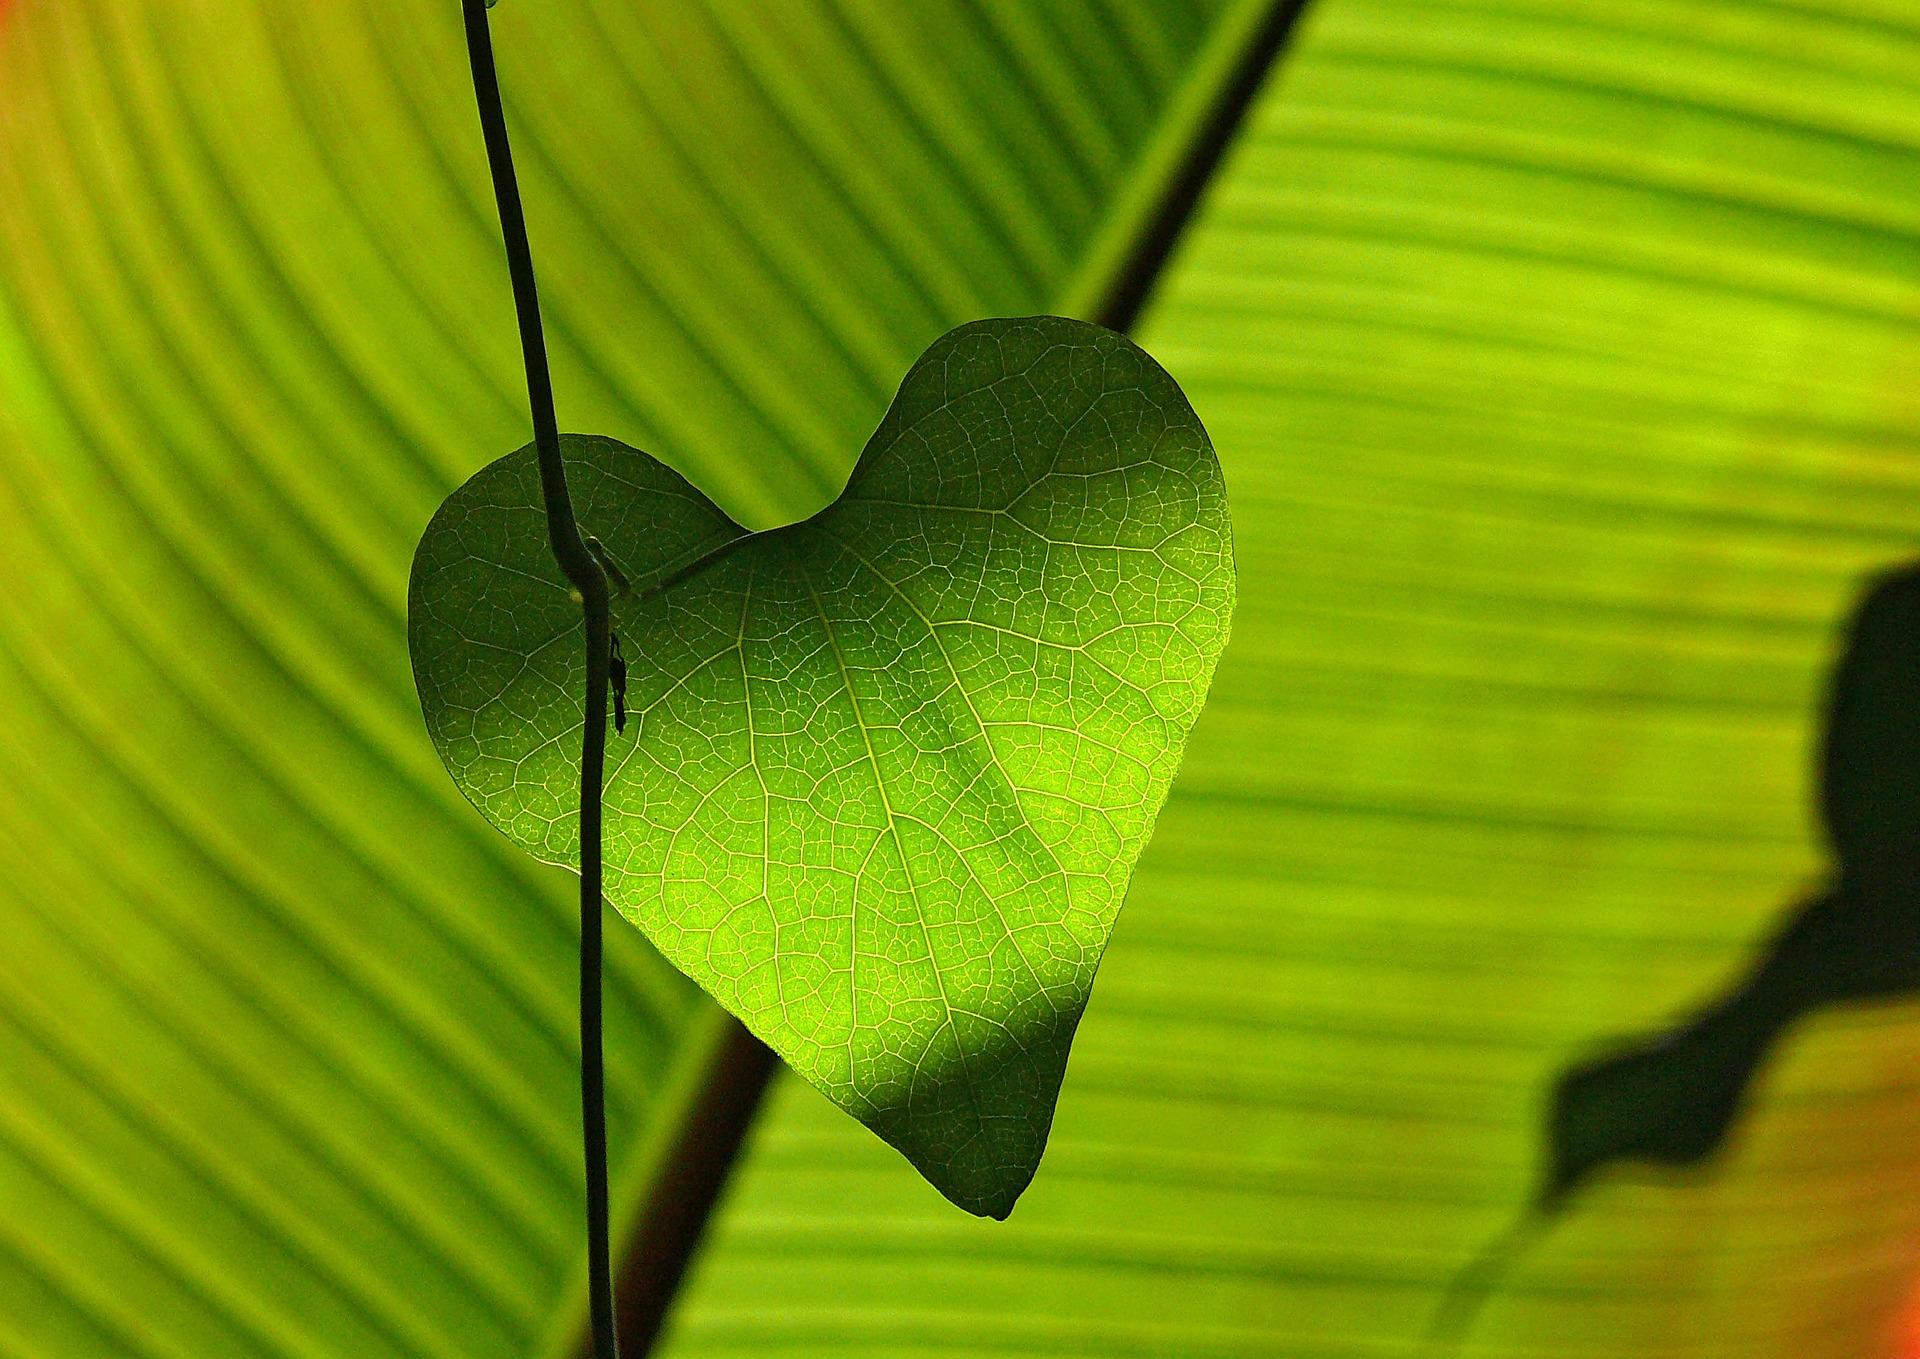 green_cuore_verde dubbi sul superministero